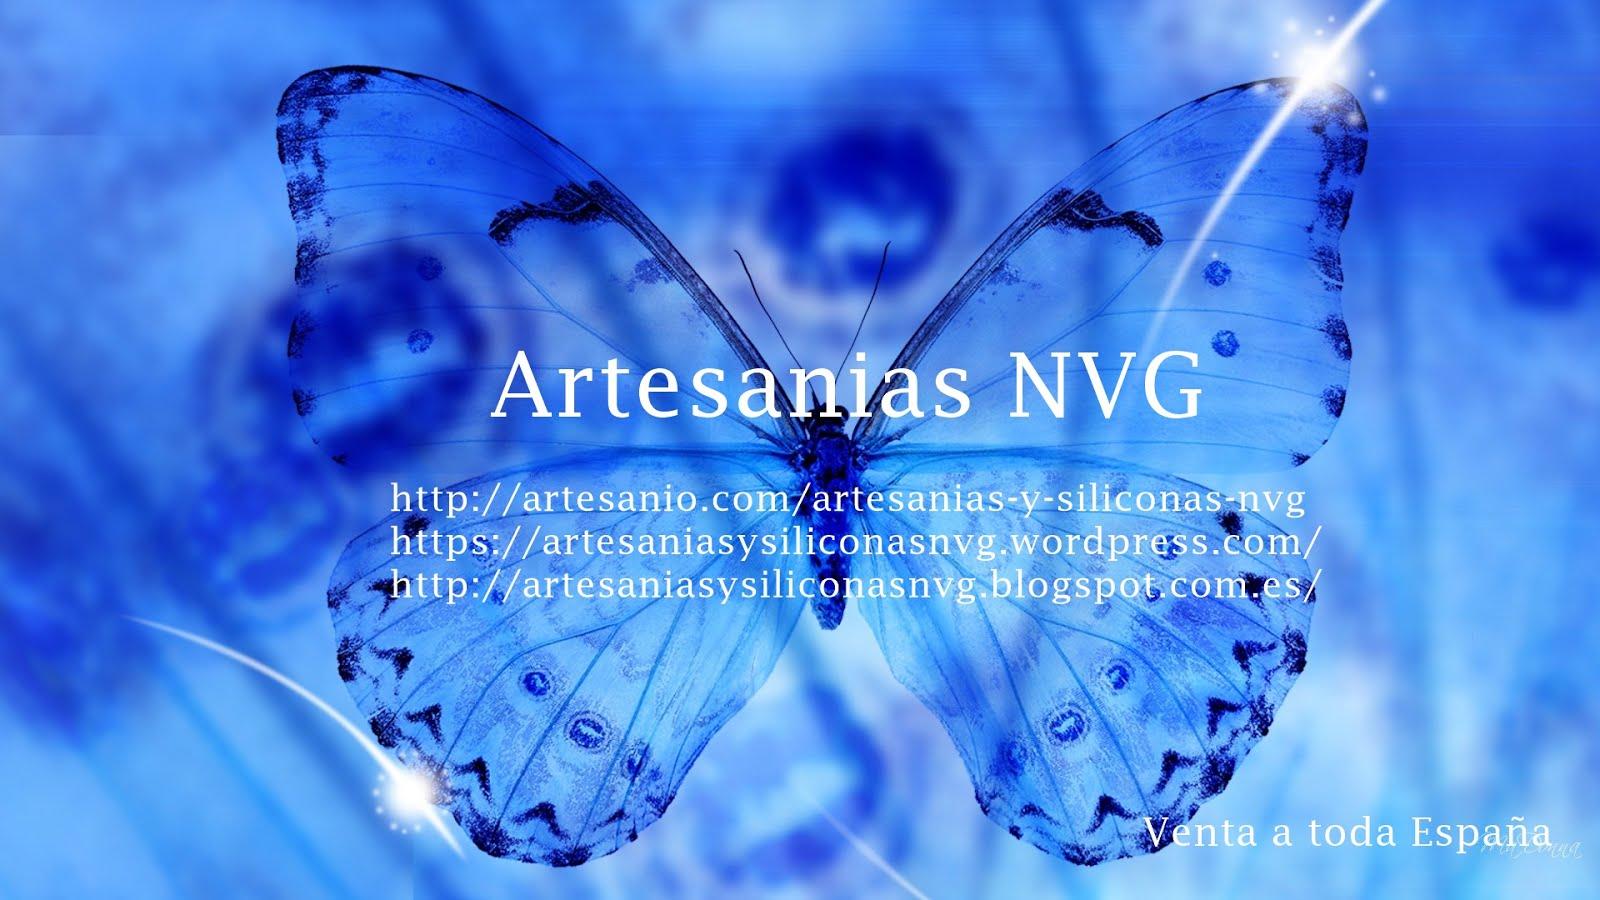 Artesanias y siliconas NVG -venta a toda España